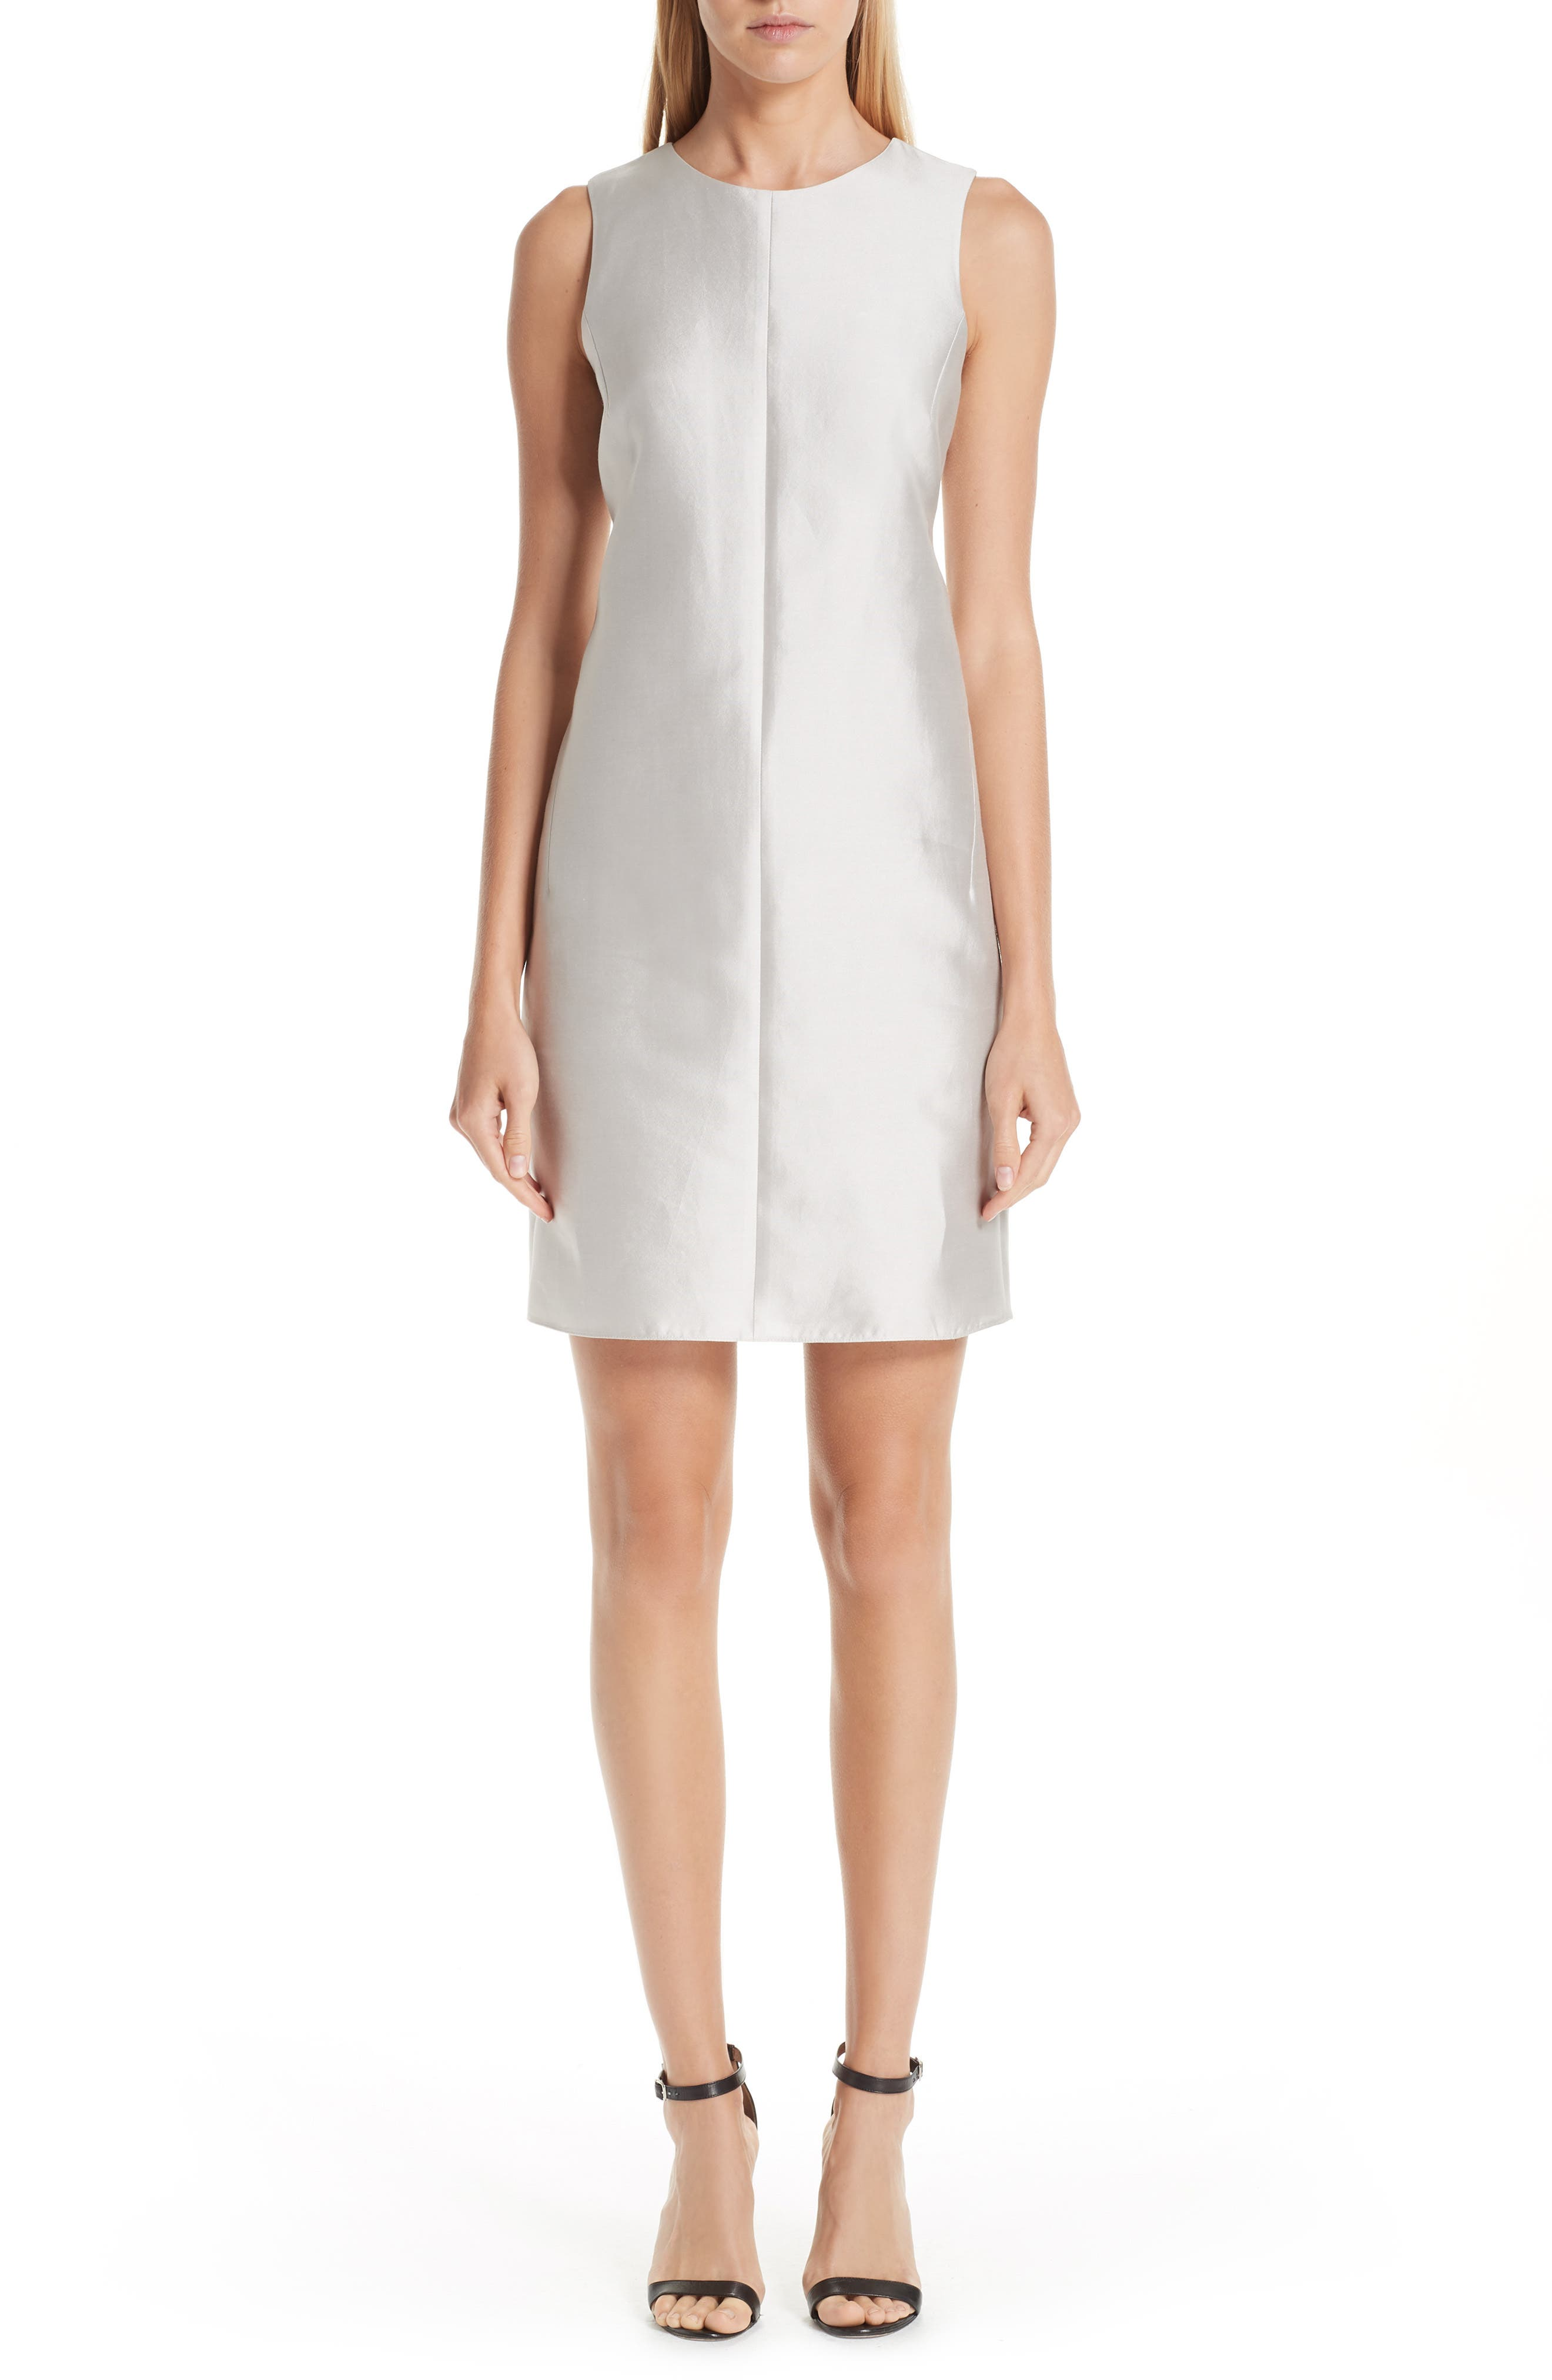 Emporio Armani Woven Shift Dress, US / 52 IT - Beige